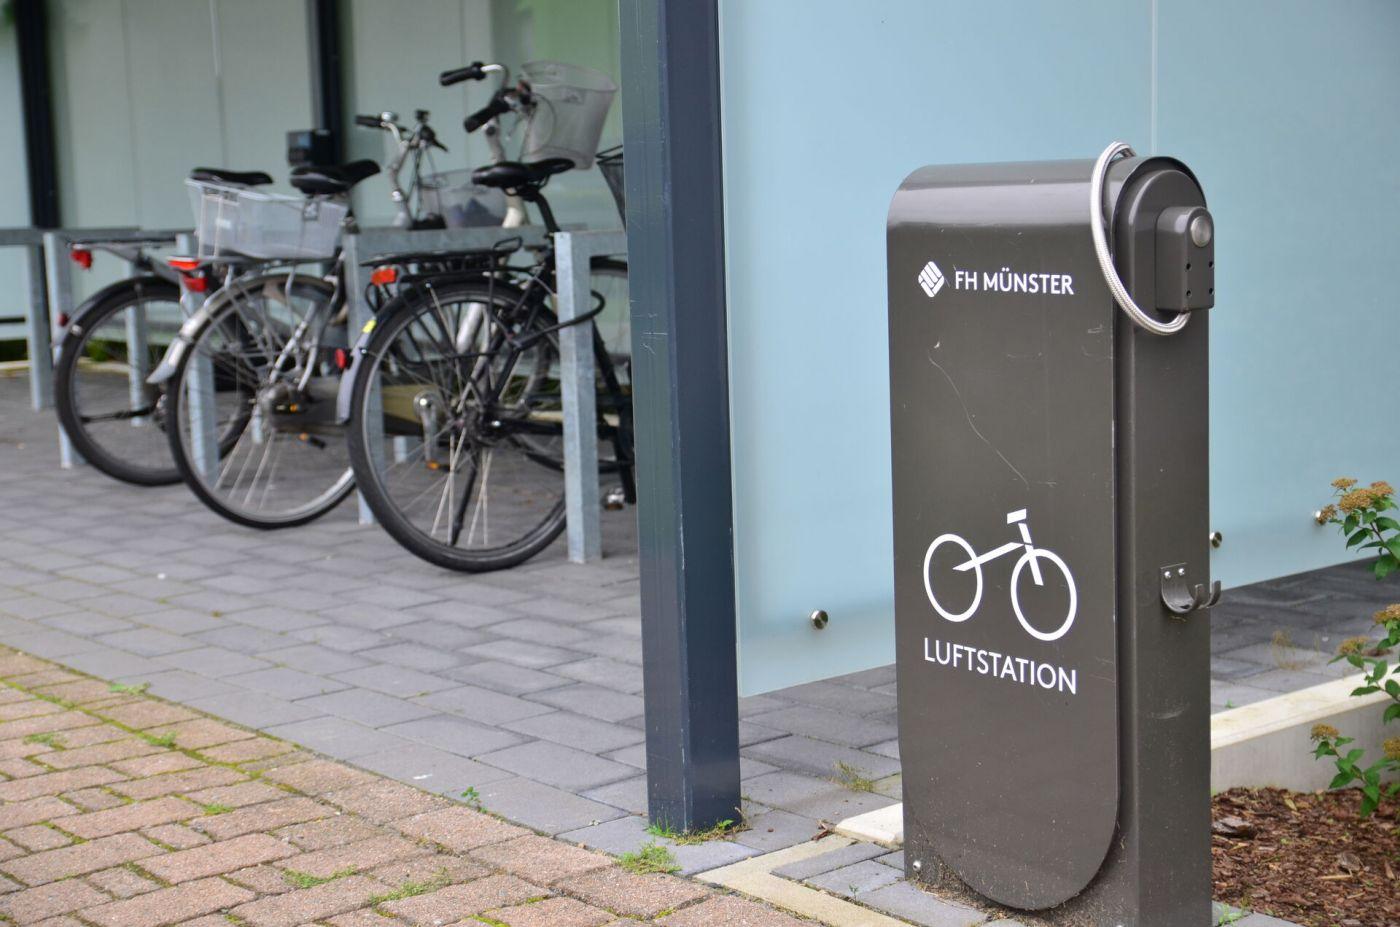 Das Konzept sieht unter anderem vor, den Weg zum Campus mit dem Fahrrad attraktiver zu machen. Dazu sollen zum Beispiel neue Stellplätze und eine Fahrradwerkstatt geschaffen werden. (Foto: FH Münster/Frederik Tebbe)